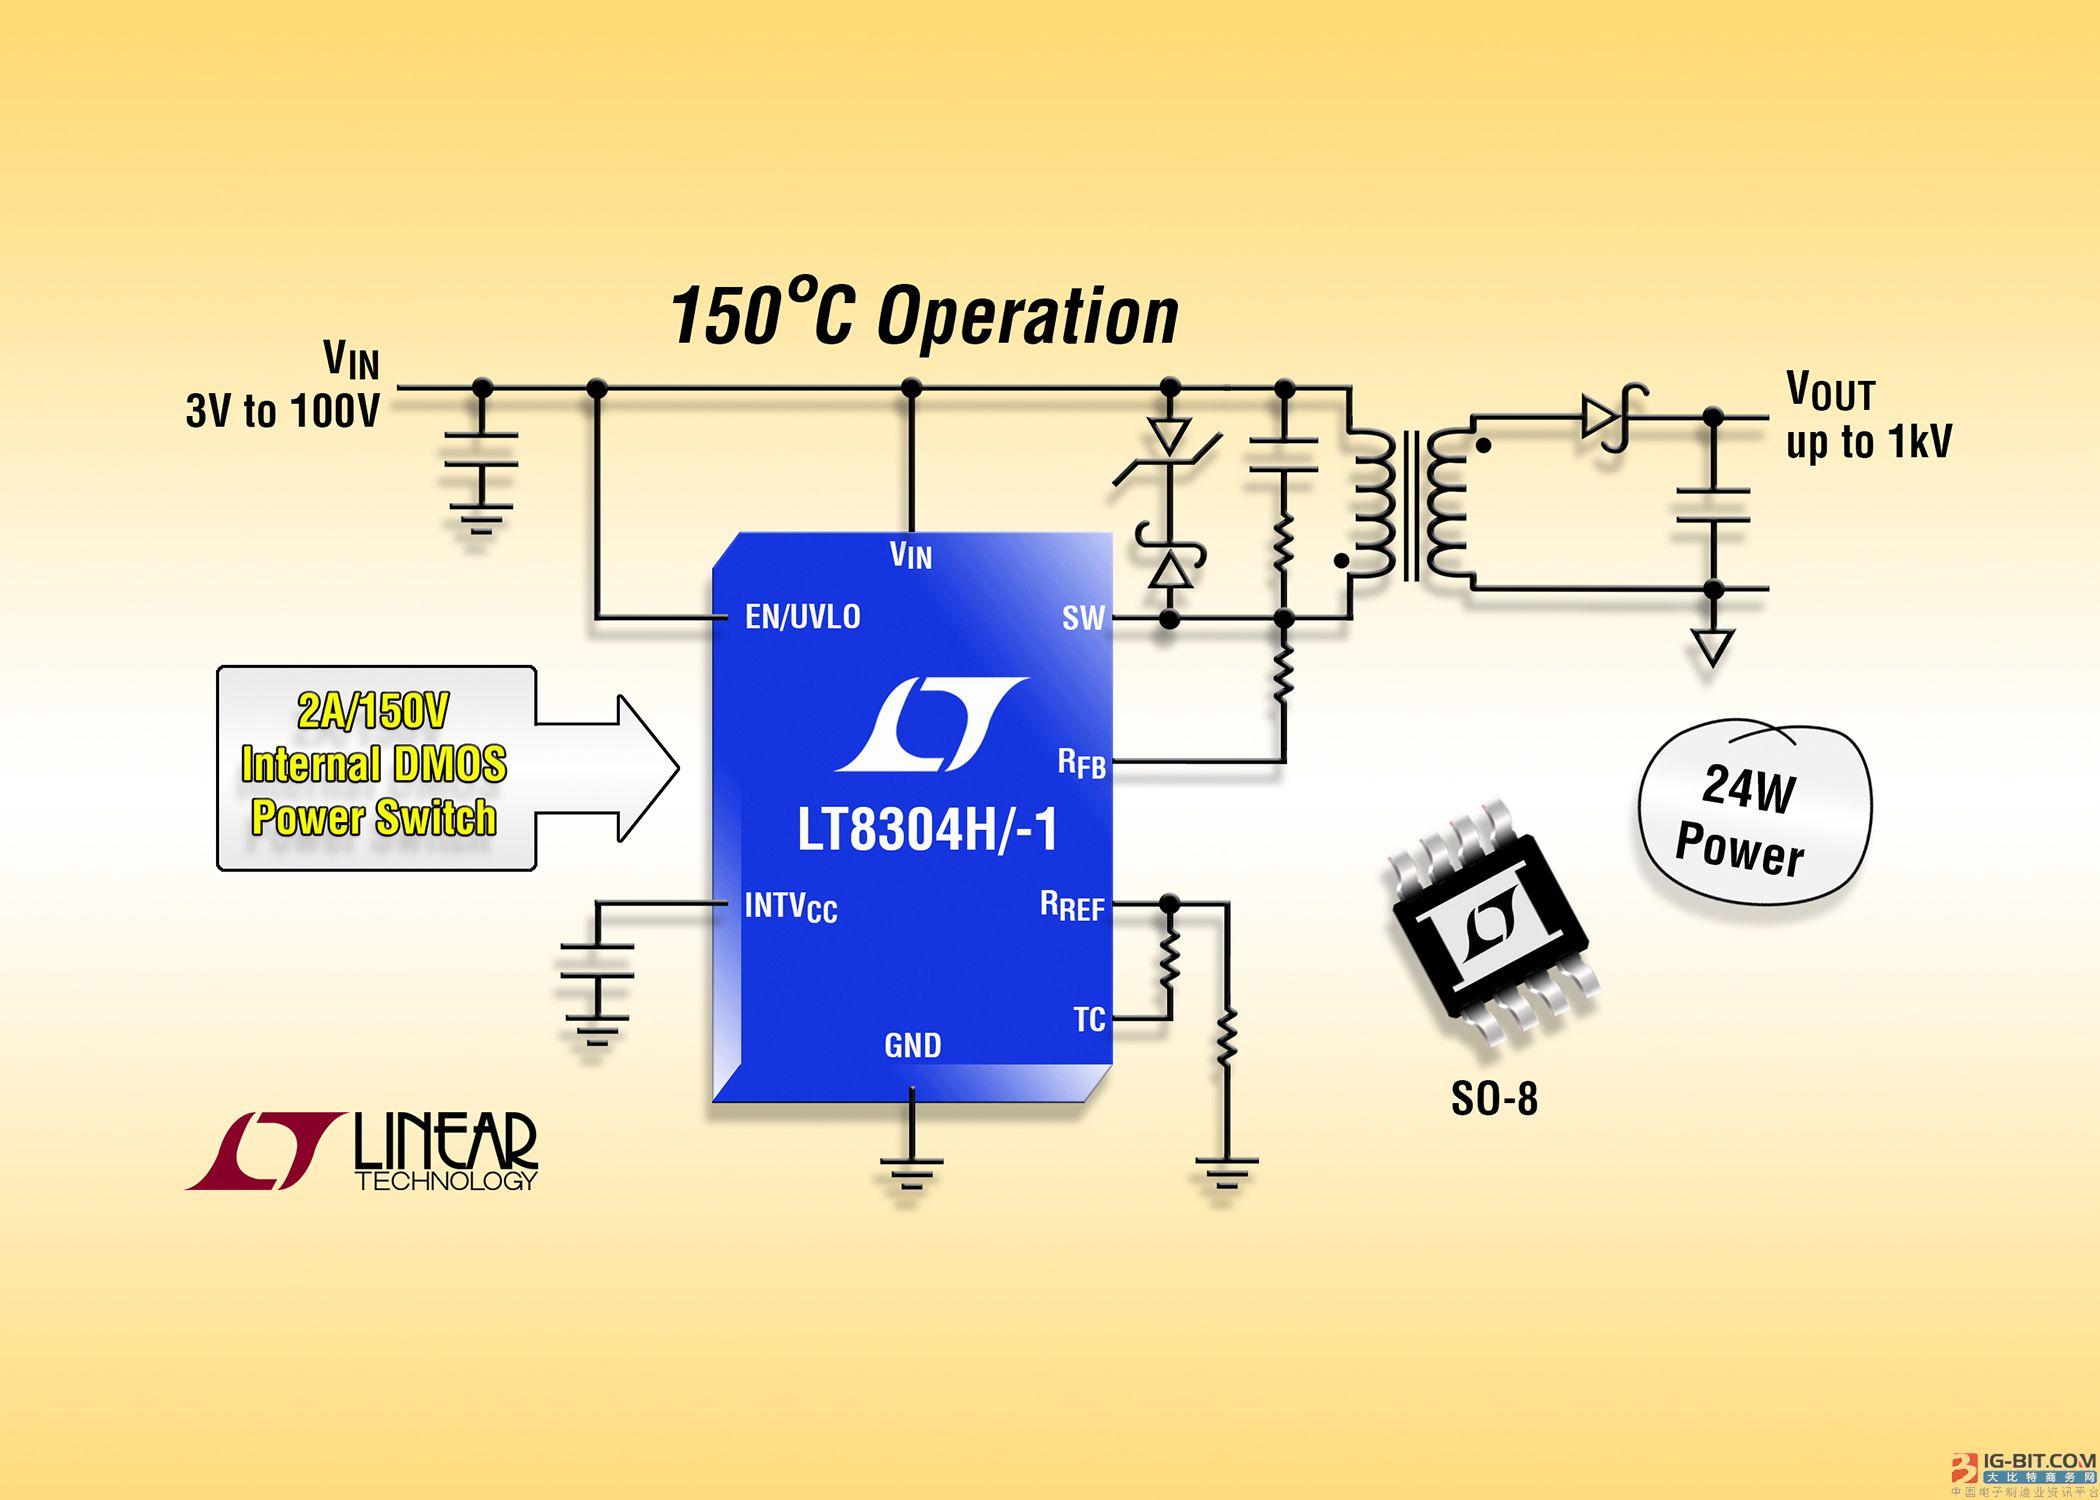 100V 无光耦合反激式稳压器可工作在 150ºC,提供高达 24W 功率和产生高达 1kV 输出电压